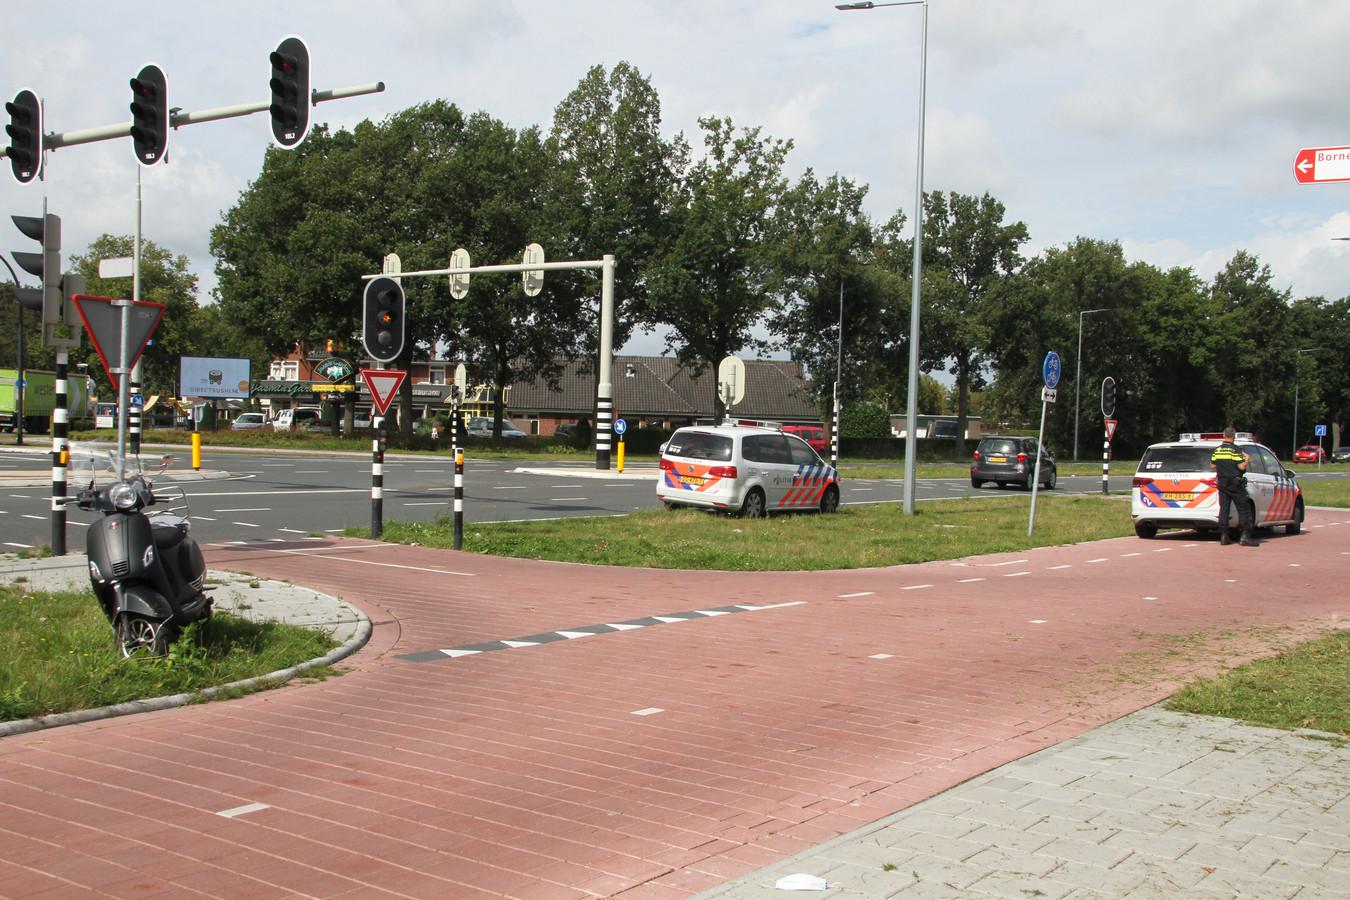 Ongeval op de kruising Grotestraat-Rondweg in Borne. Geen gewonden, wel blikschade.